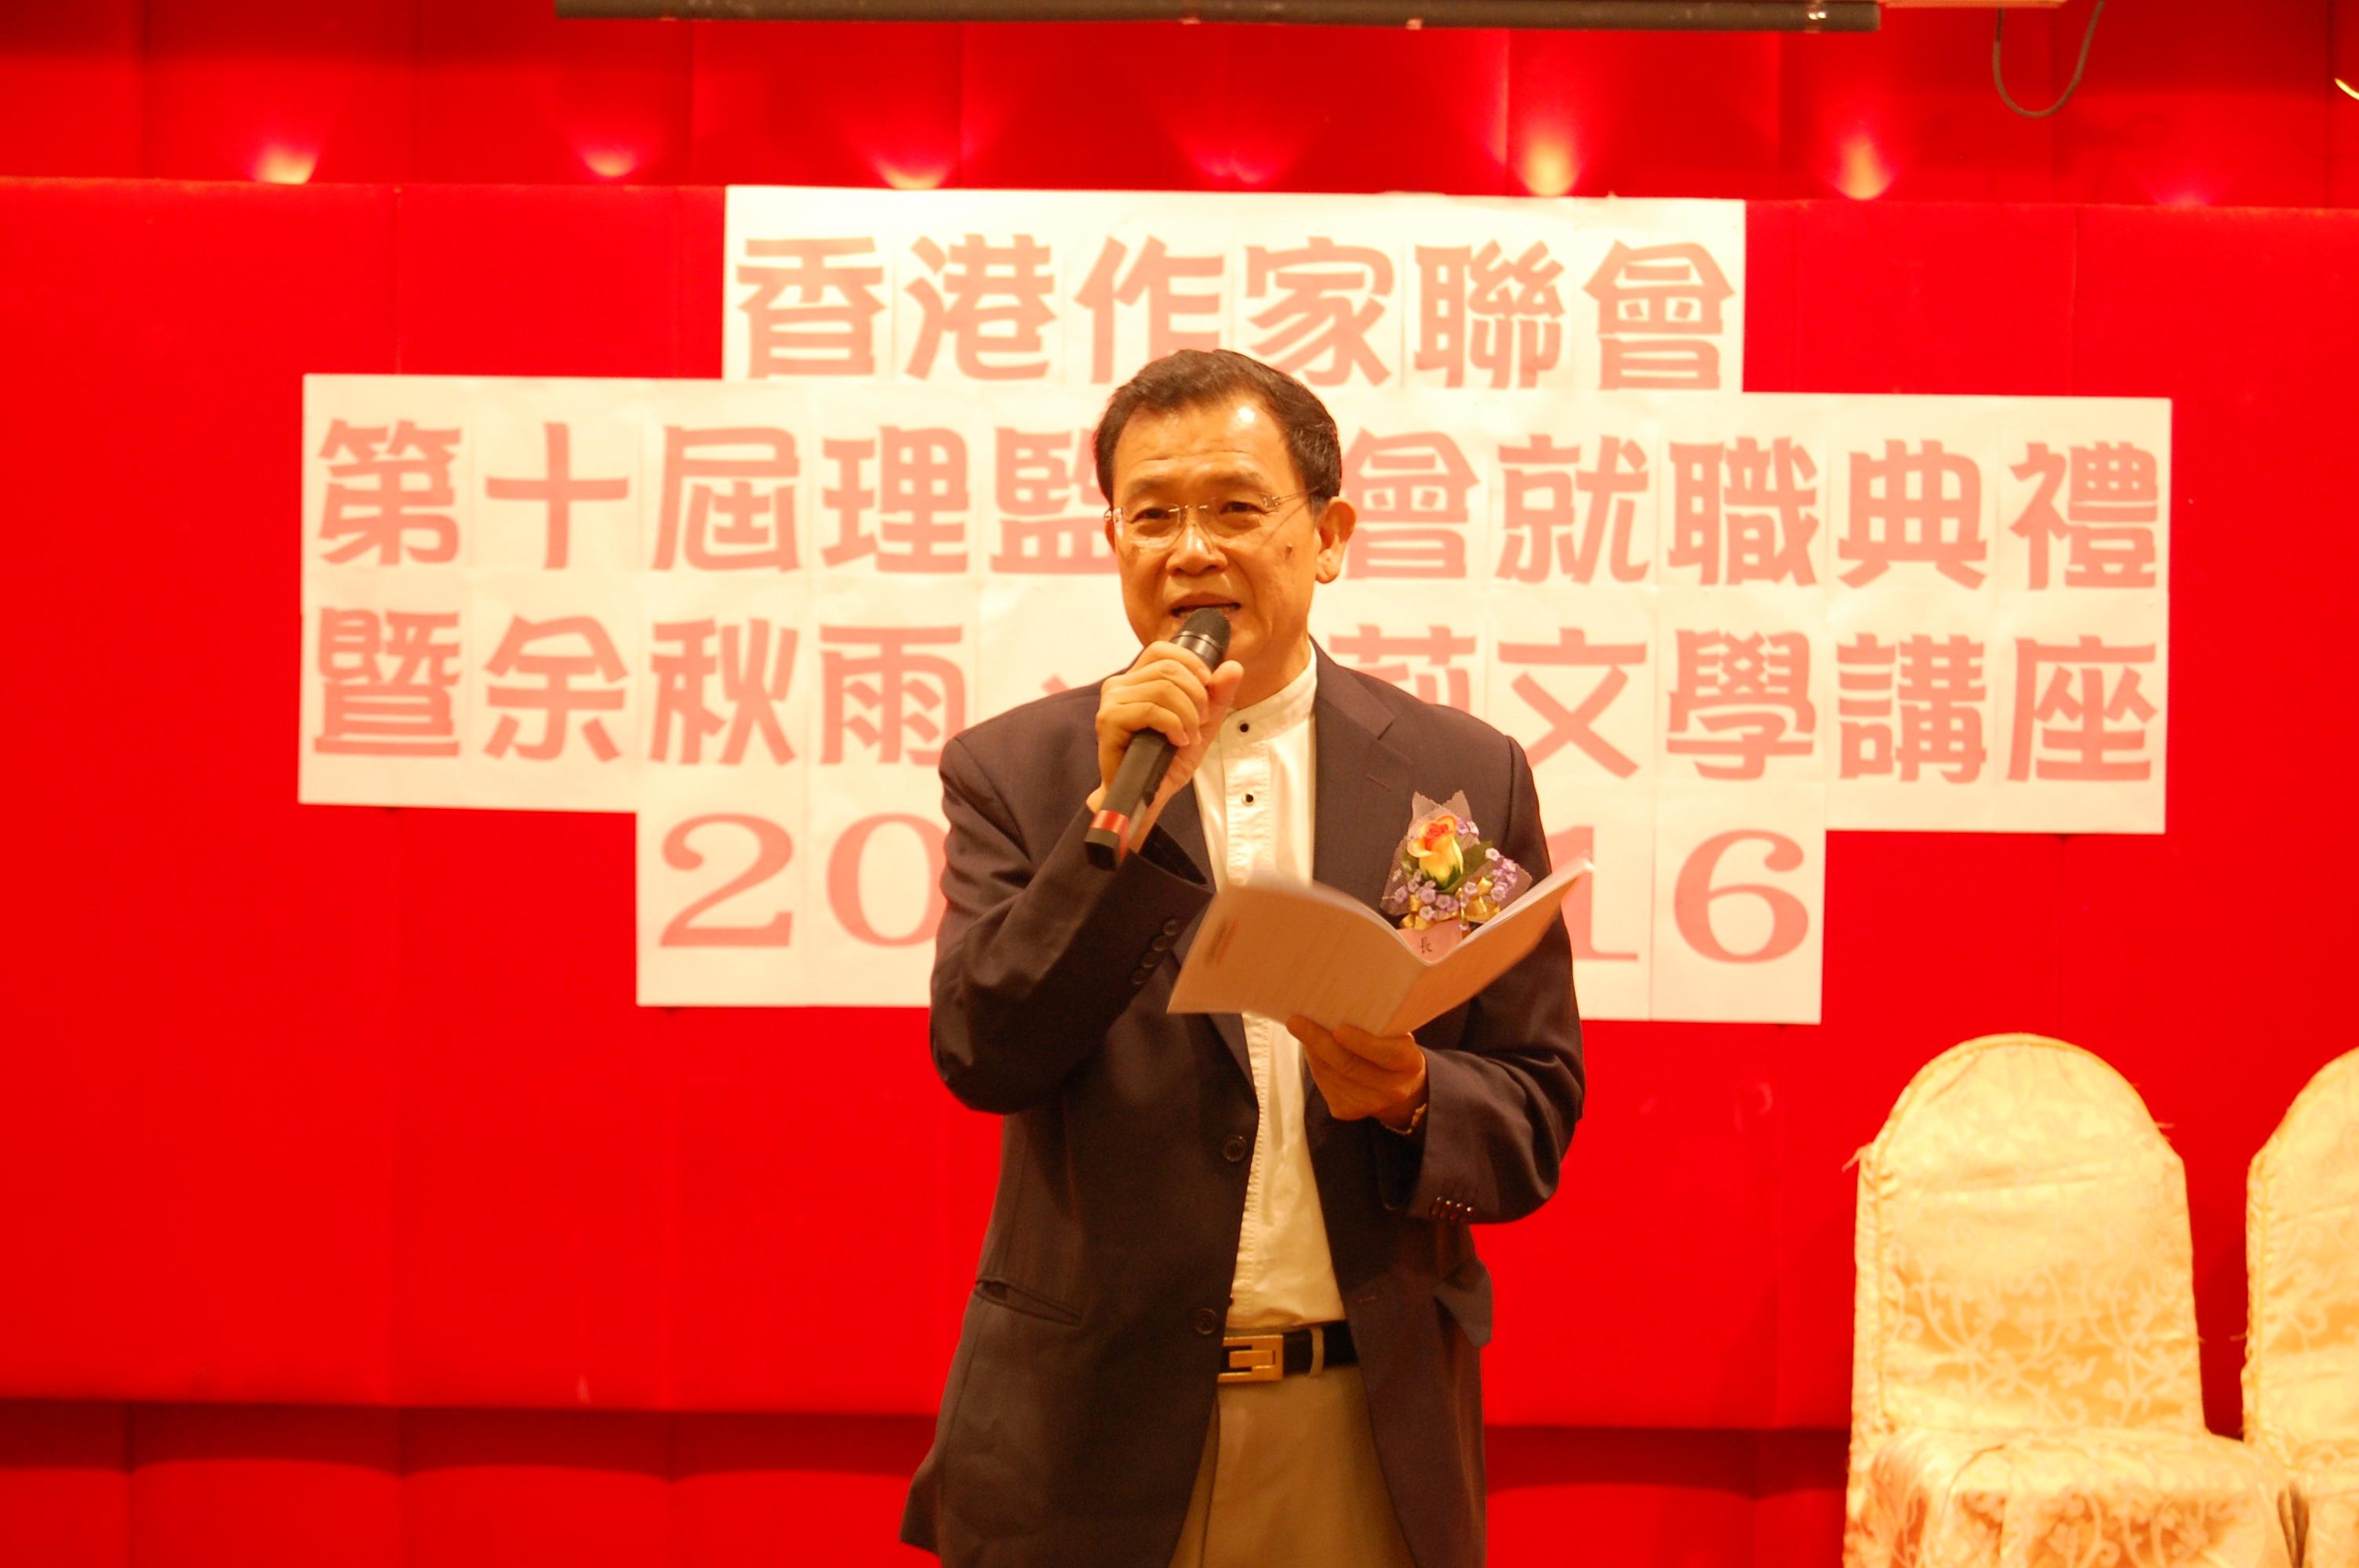 二十五年的跋涉──香港作家聯會二十五周年紀念特刊卷首語